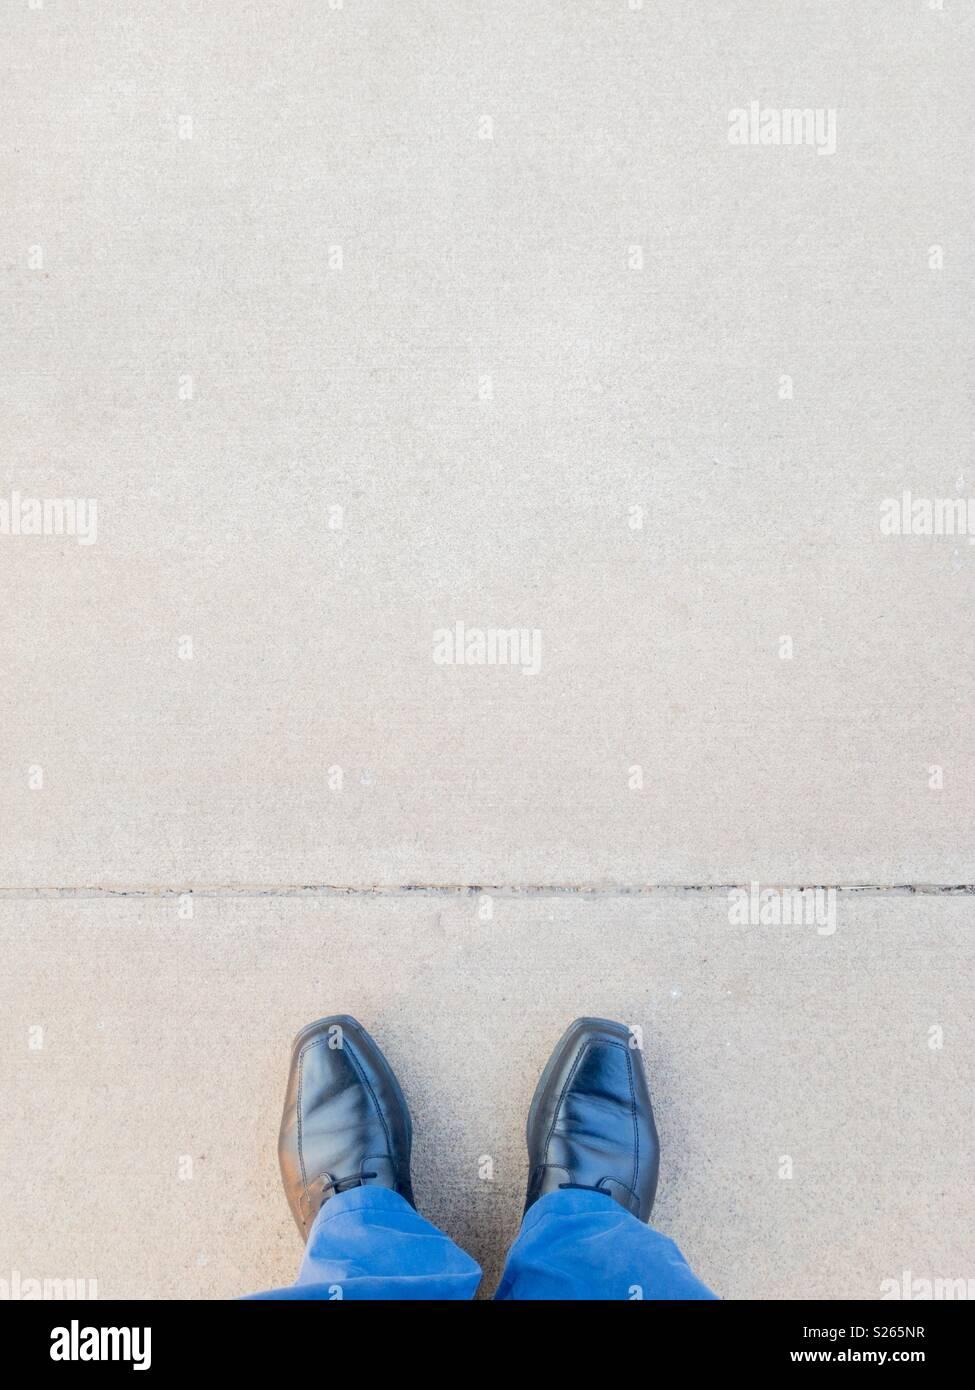 Punto di vista personale di un uomo in piedi di fronte ad una linea tracciata sul terreno. Immagini Stock